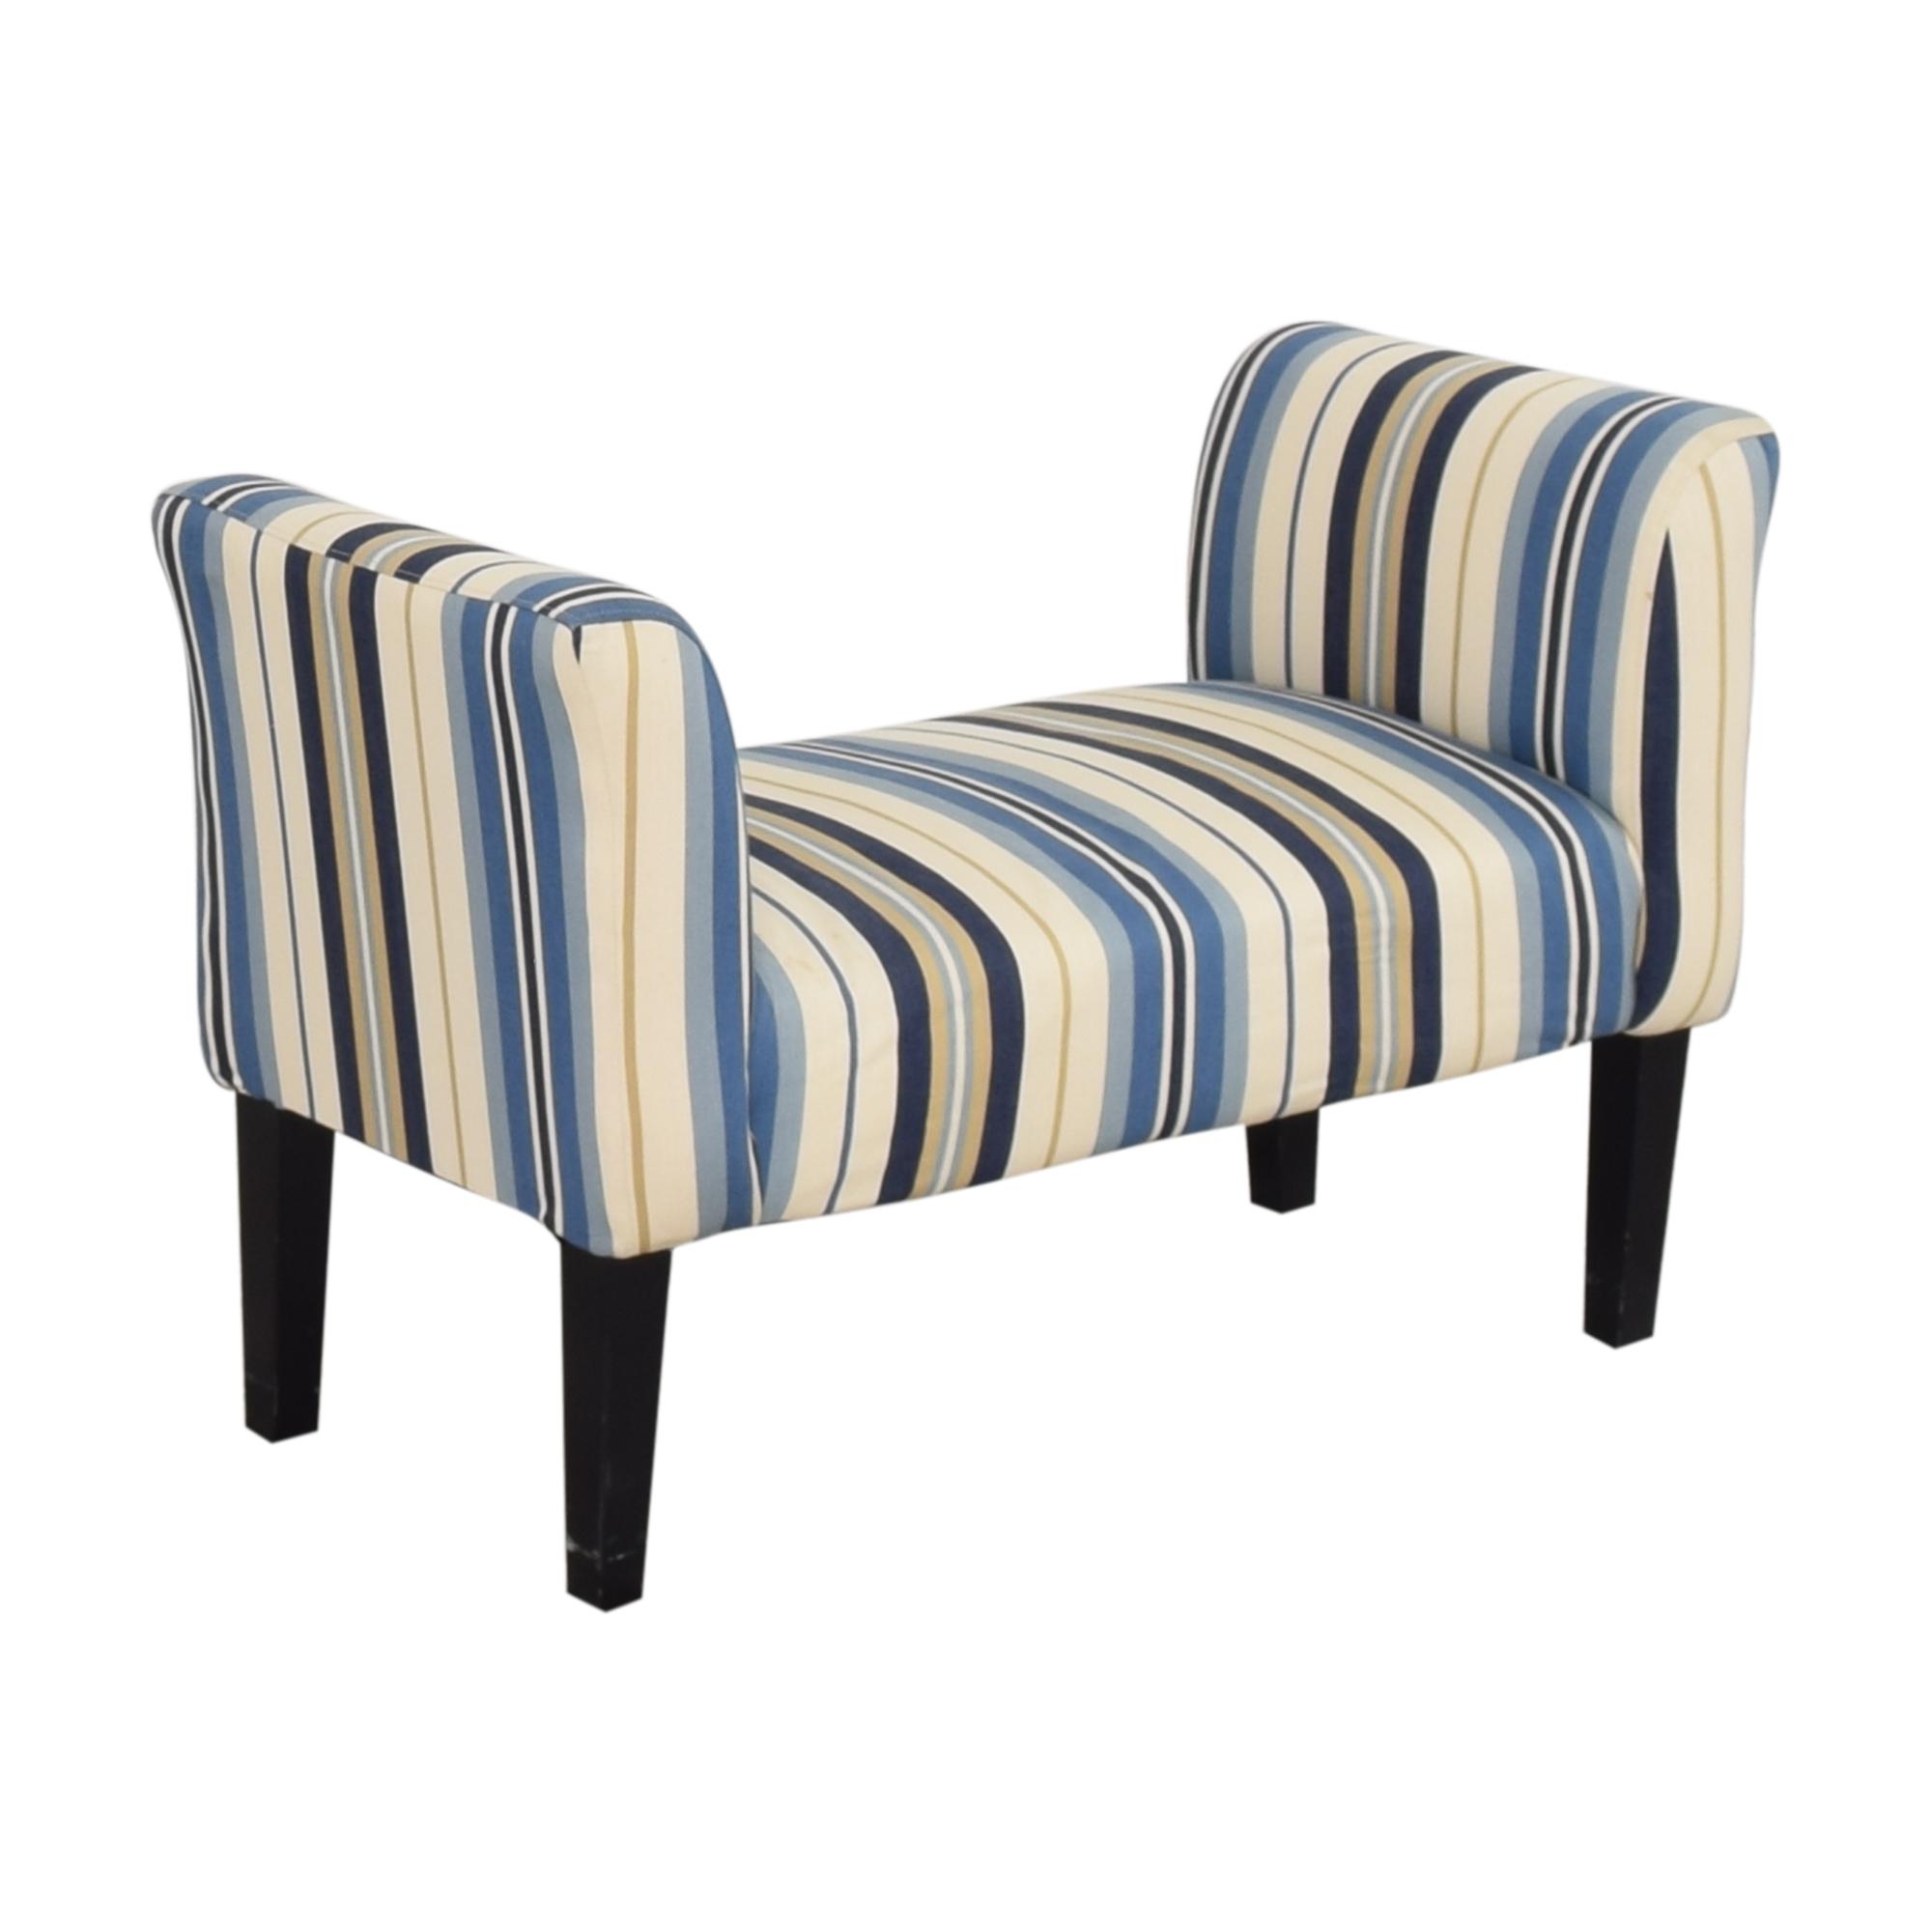 Custom Arm Bench Chairs